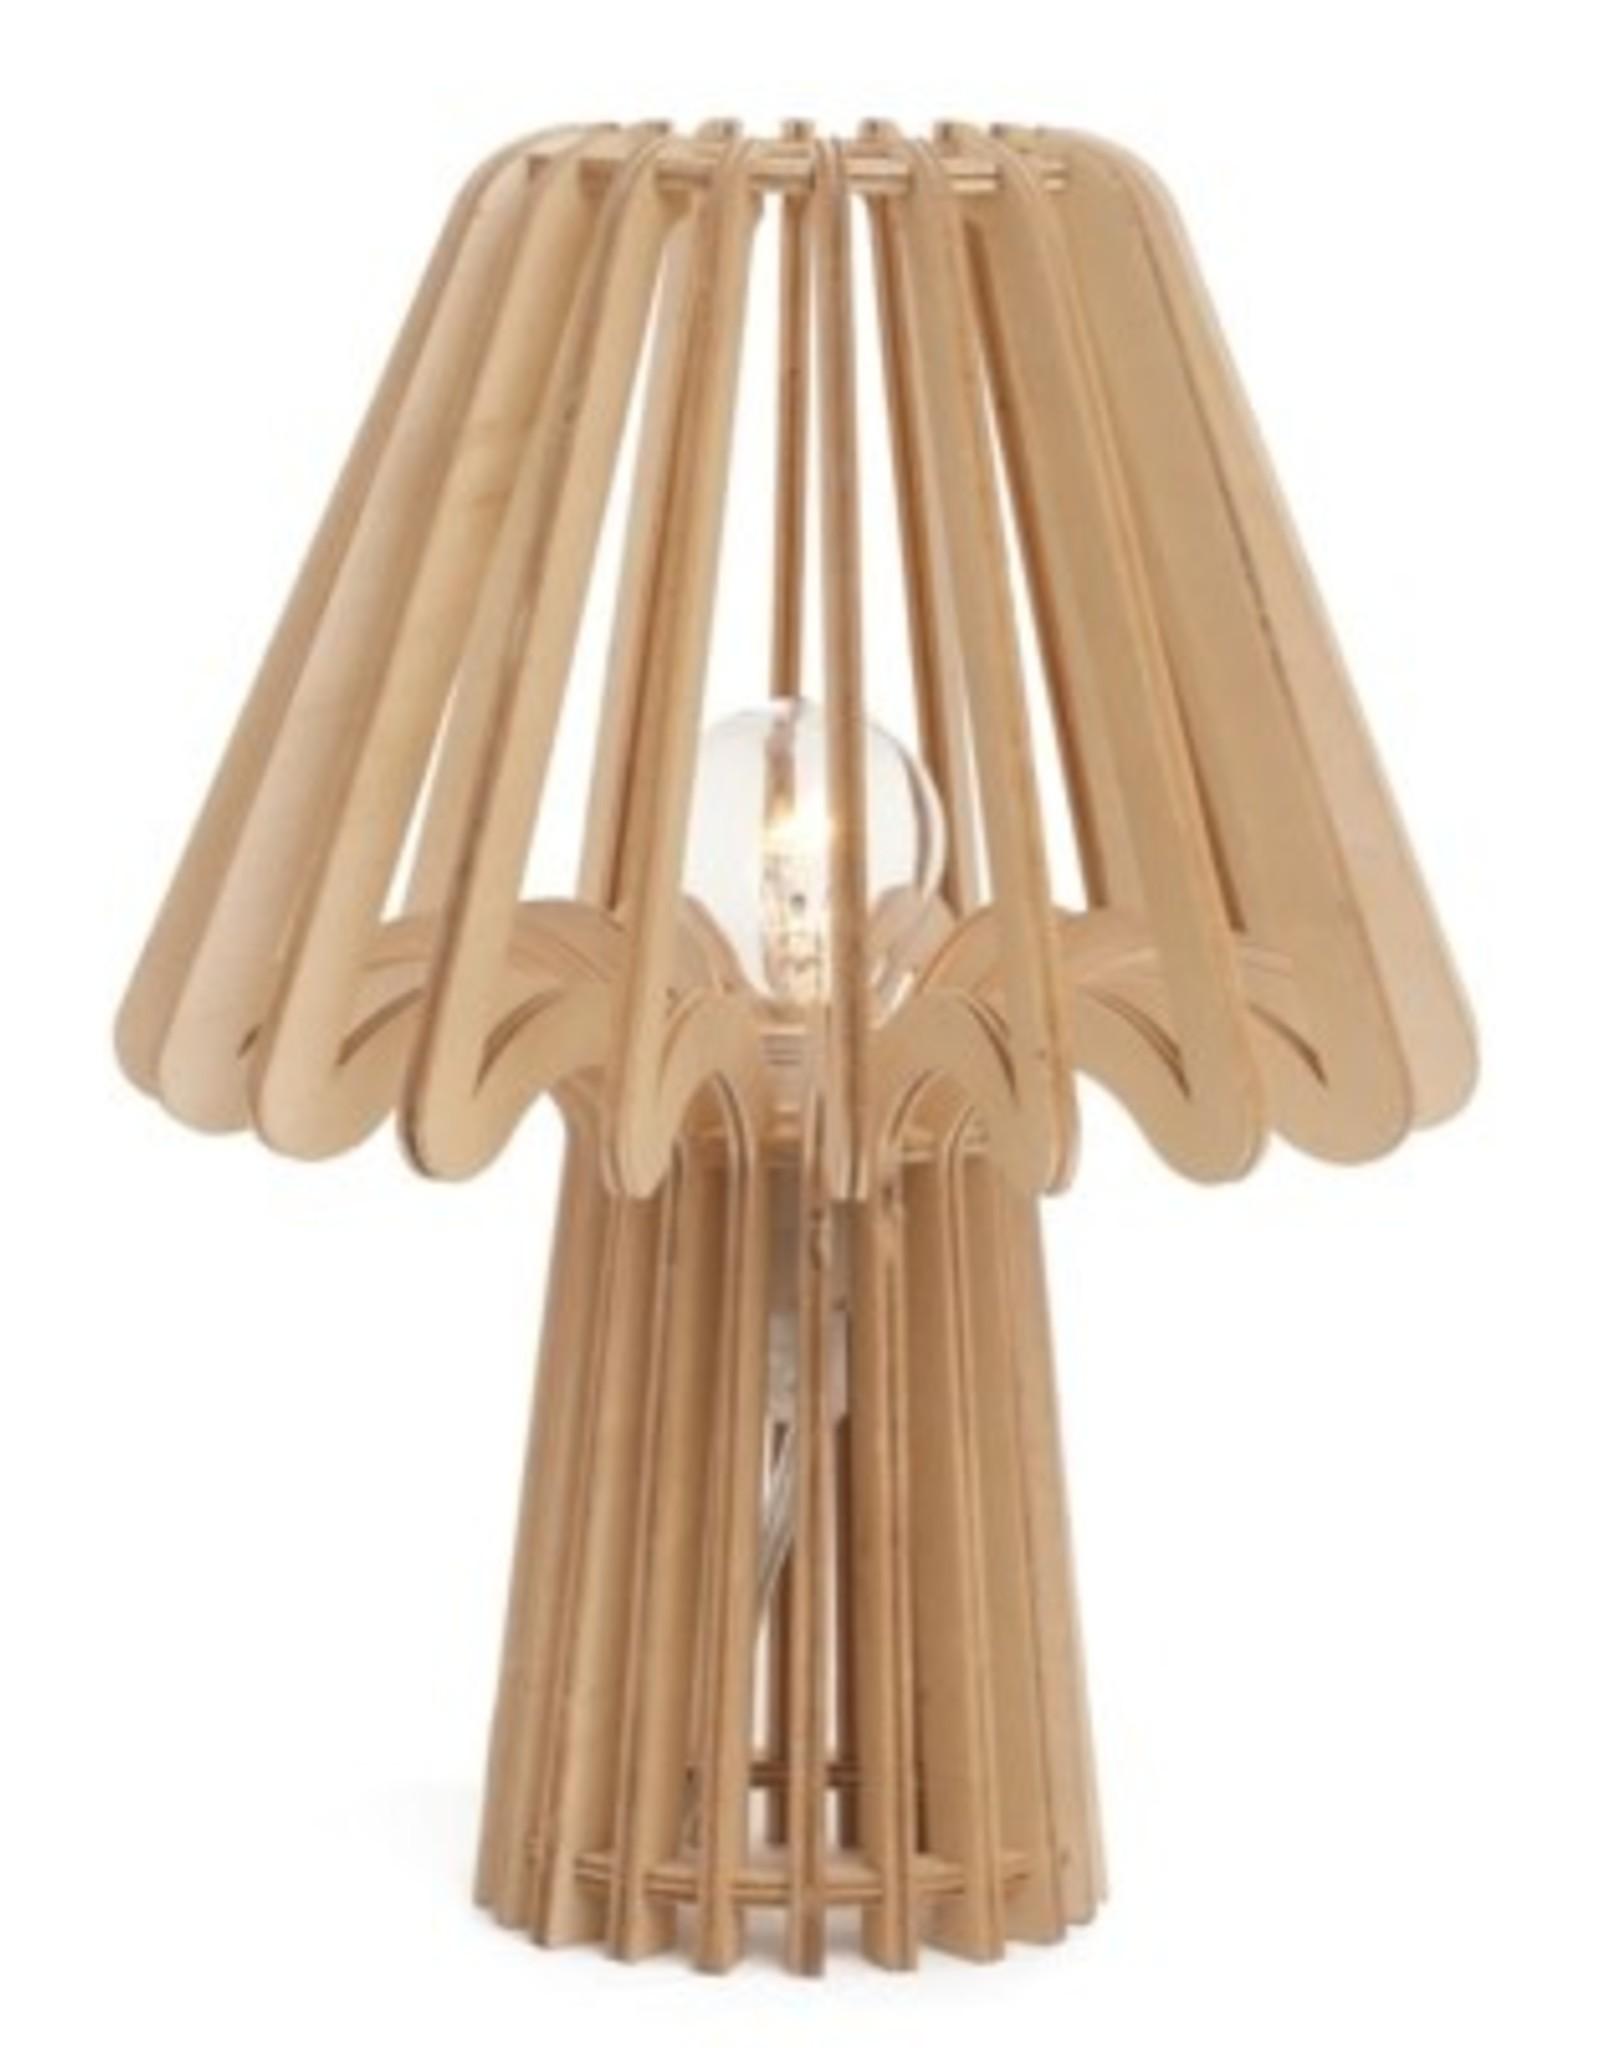 Lamp Bovi Calpe Wood Table Natural